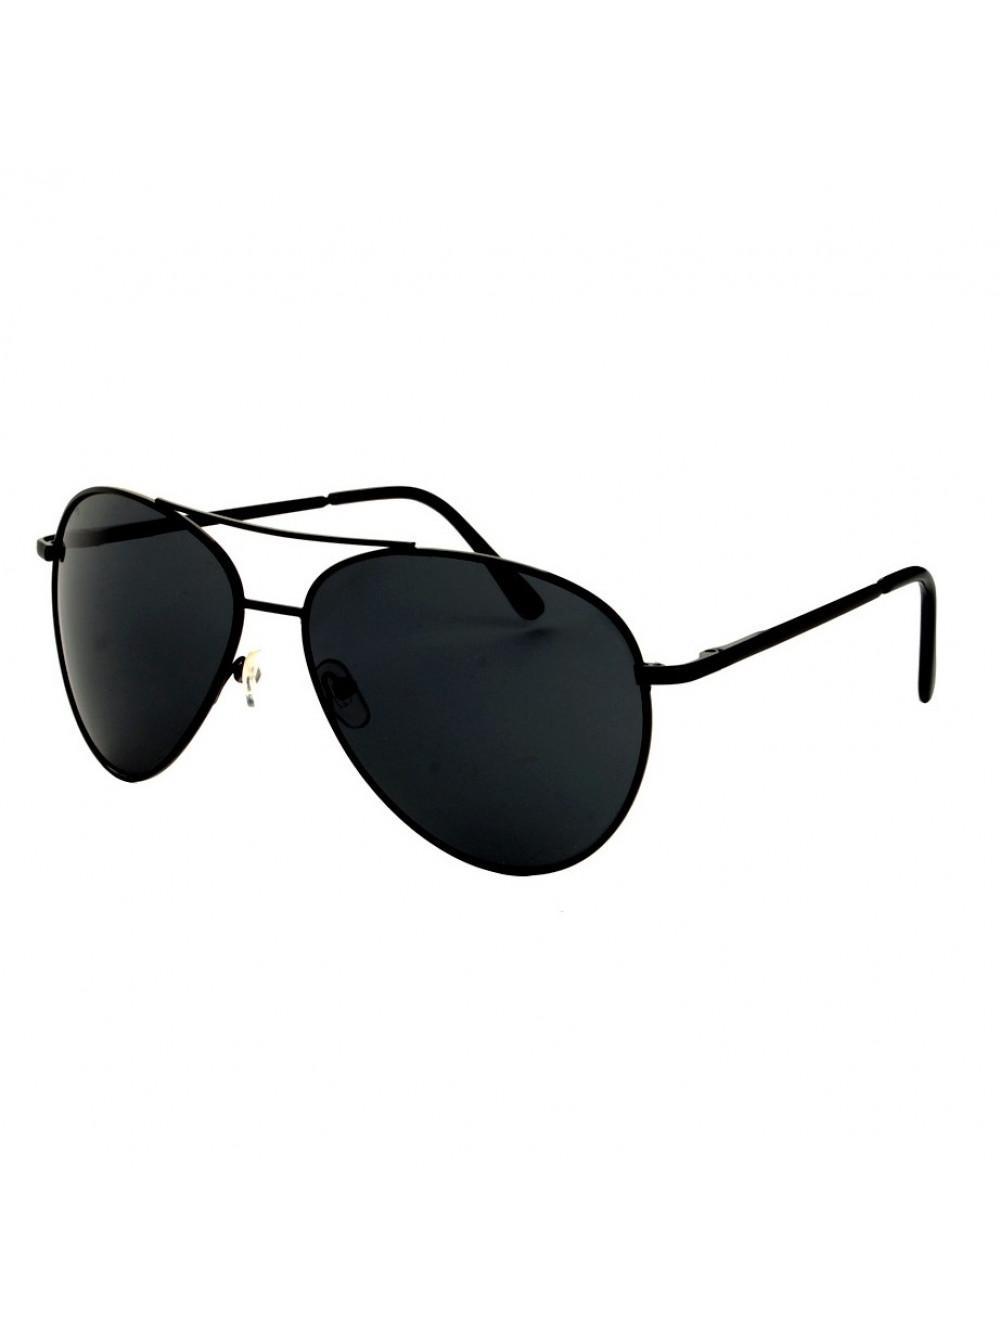 Slnečné okuliare Aviator Pilot Big Black 1c250a74e36